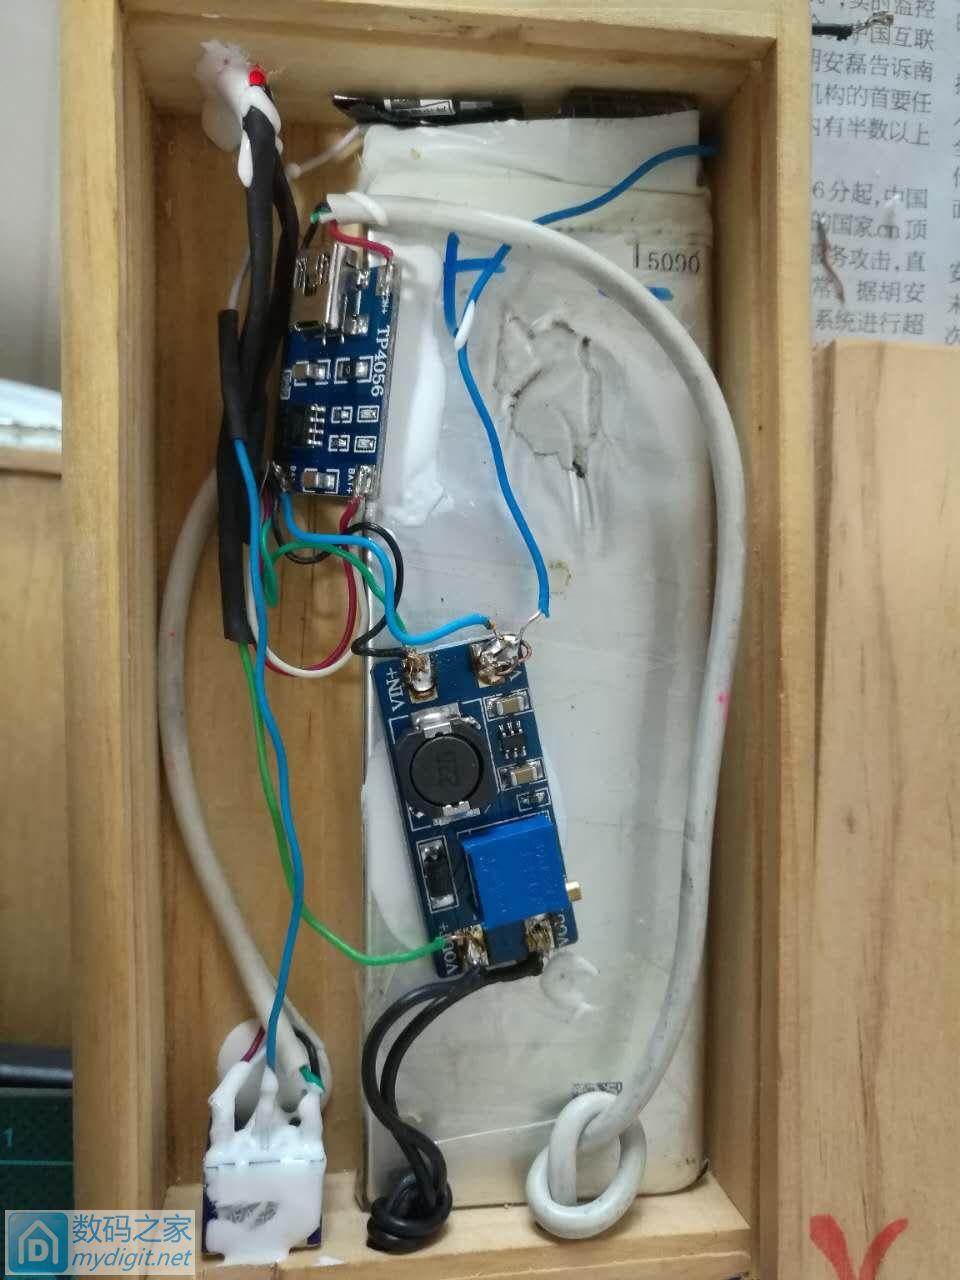 干电池老漏夜,改锂电了。顺便求推荐有性价比的适合DIY的电池内阻测试或电子负载